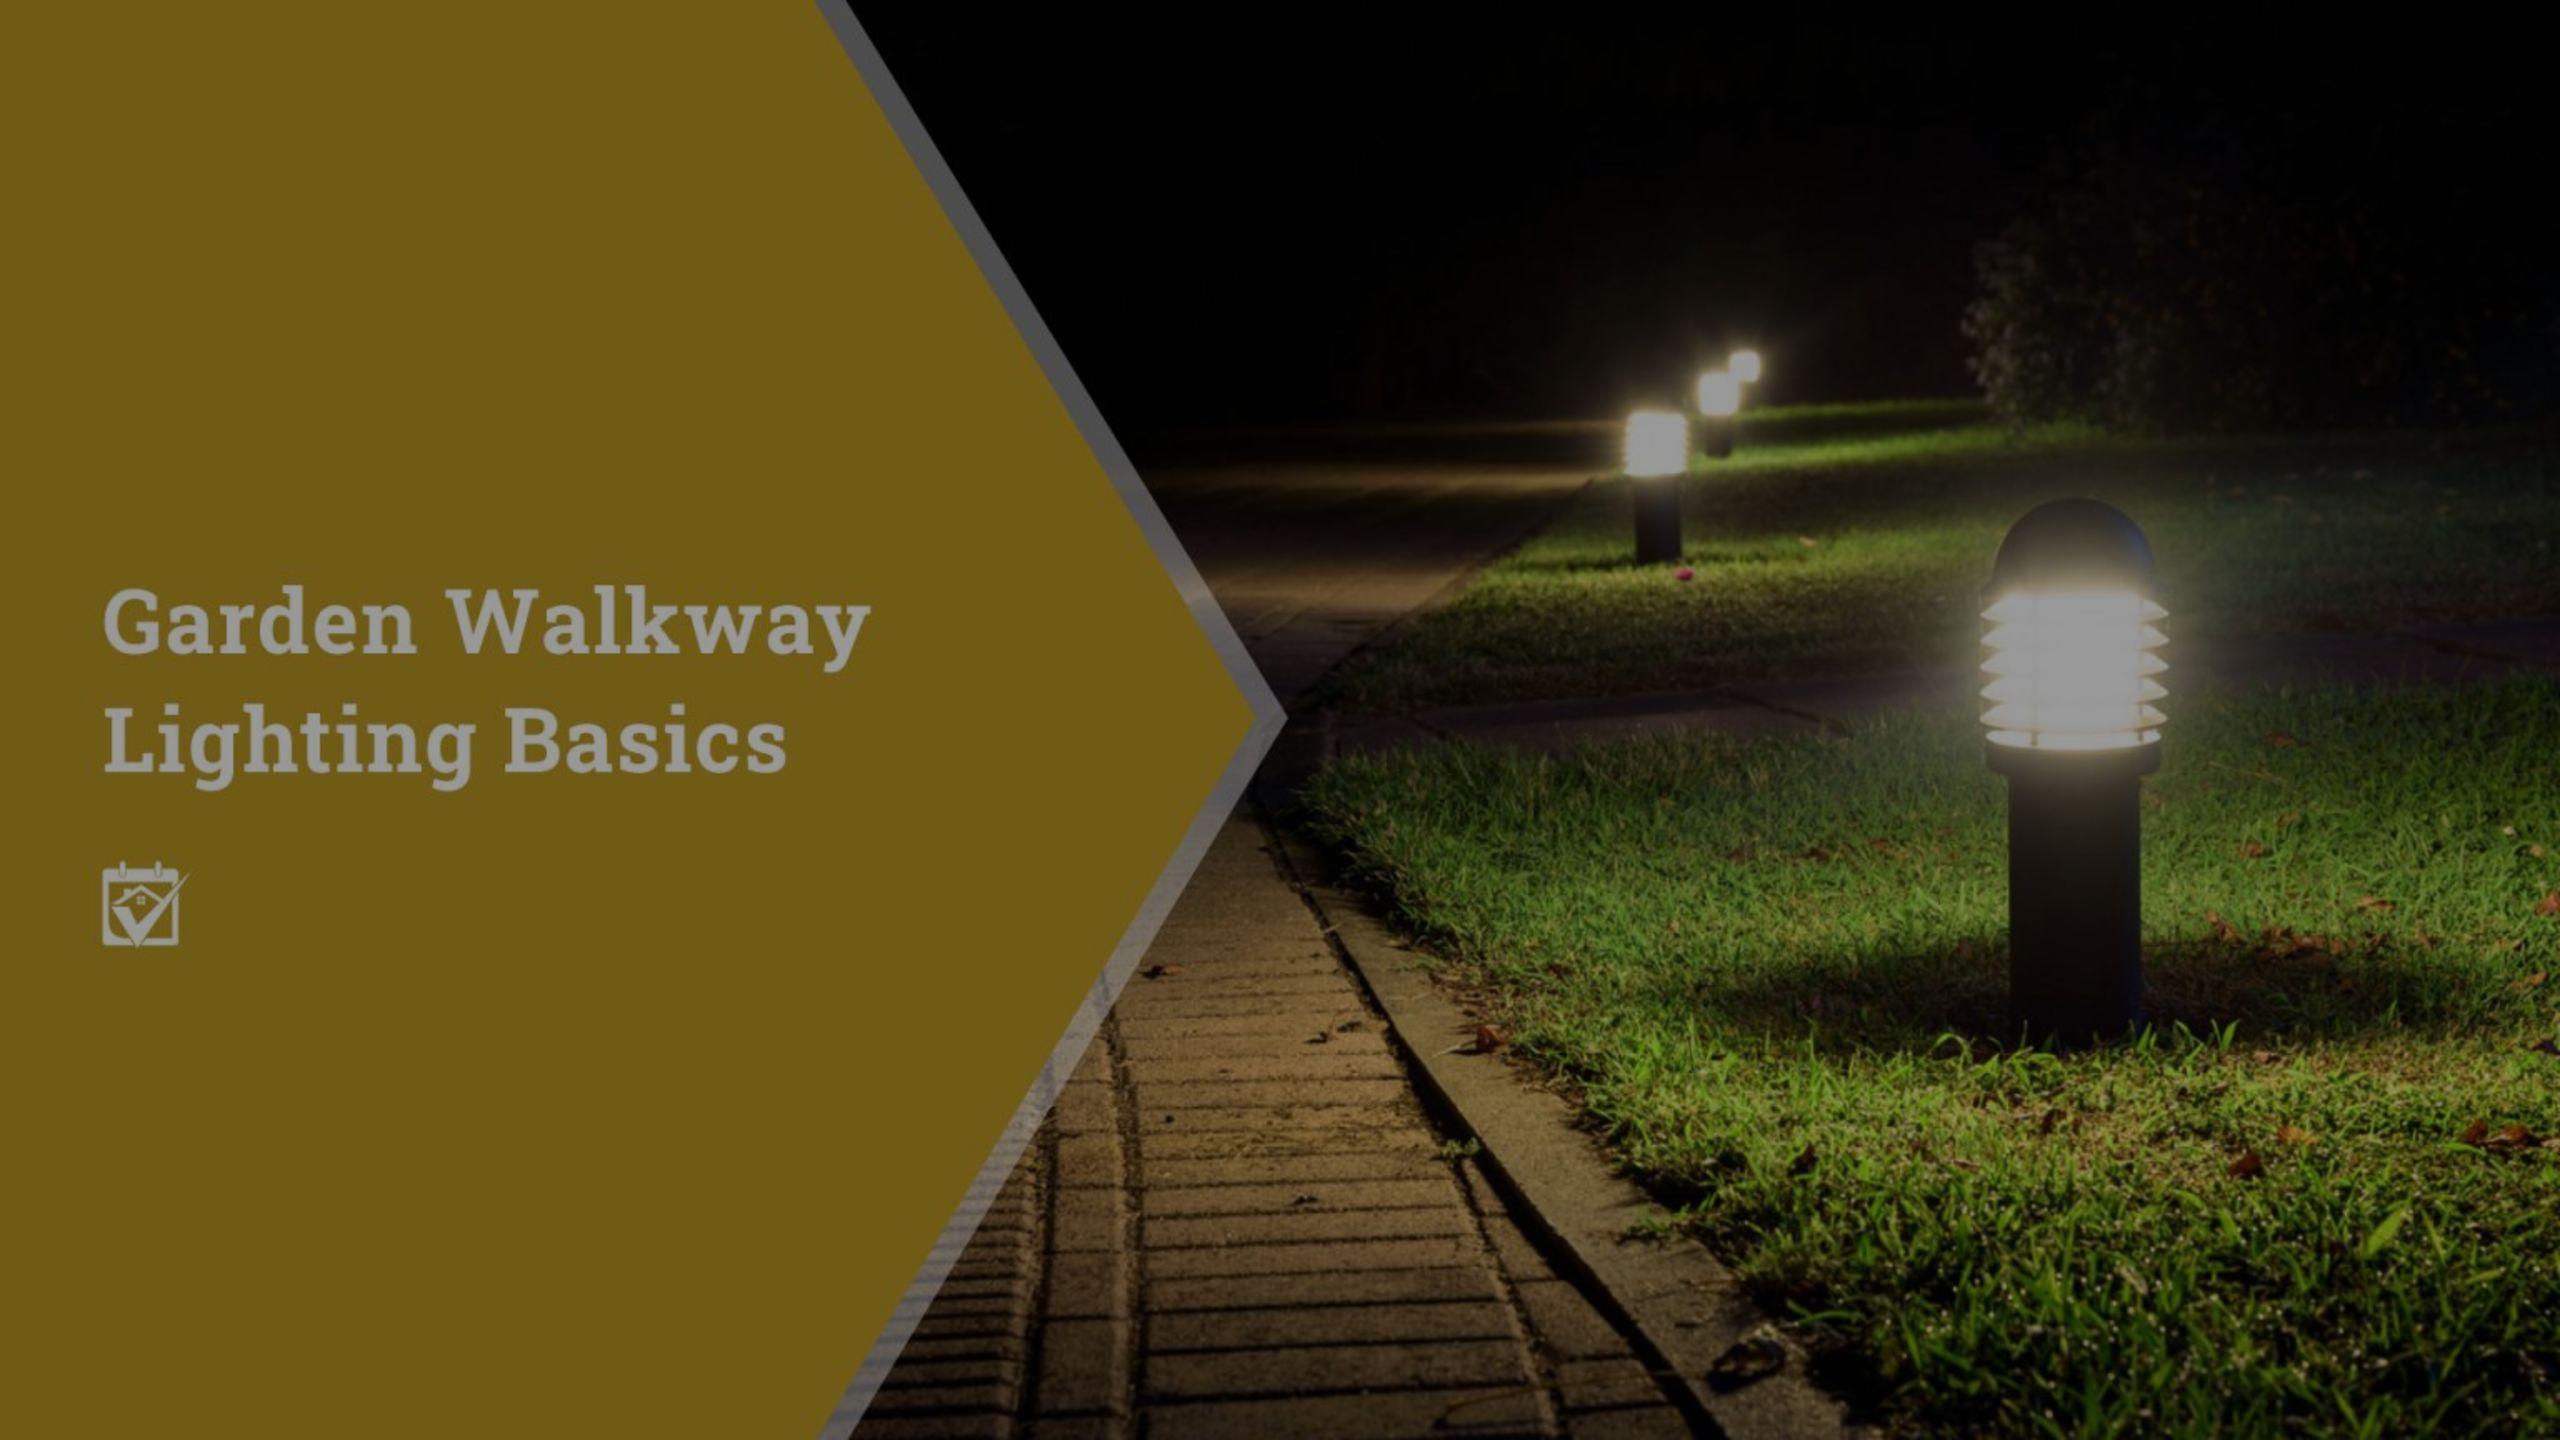 Garden Walkway Lighting Basics